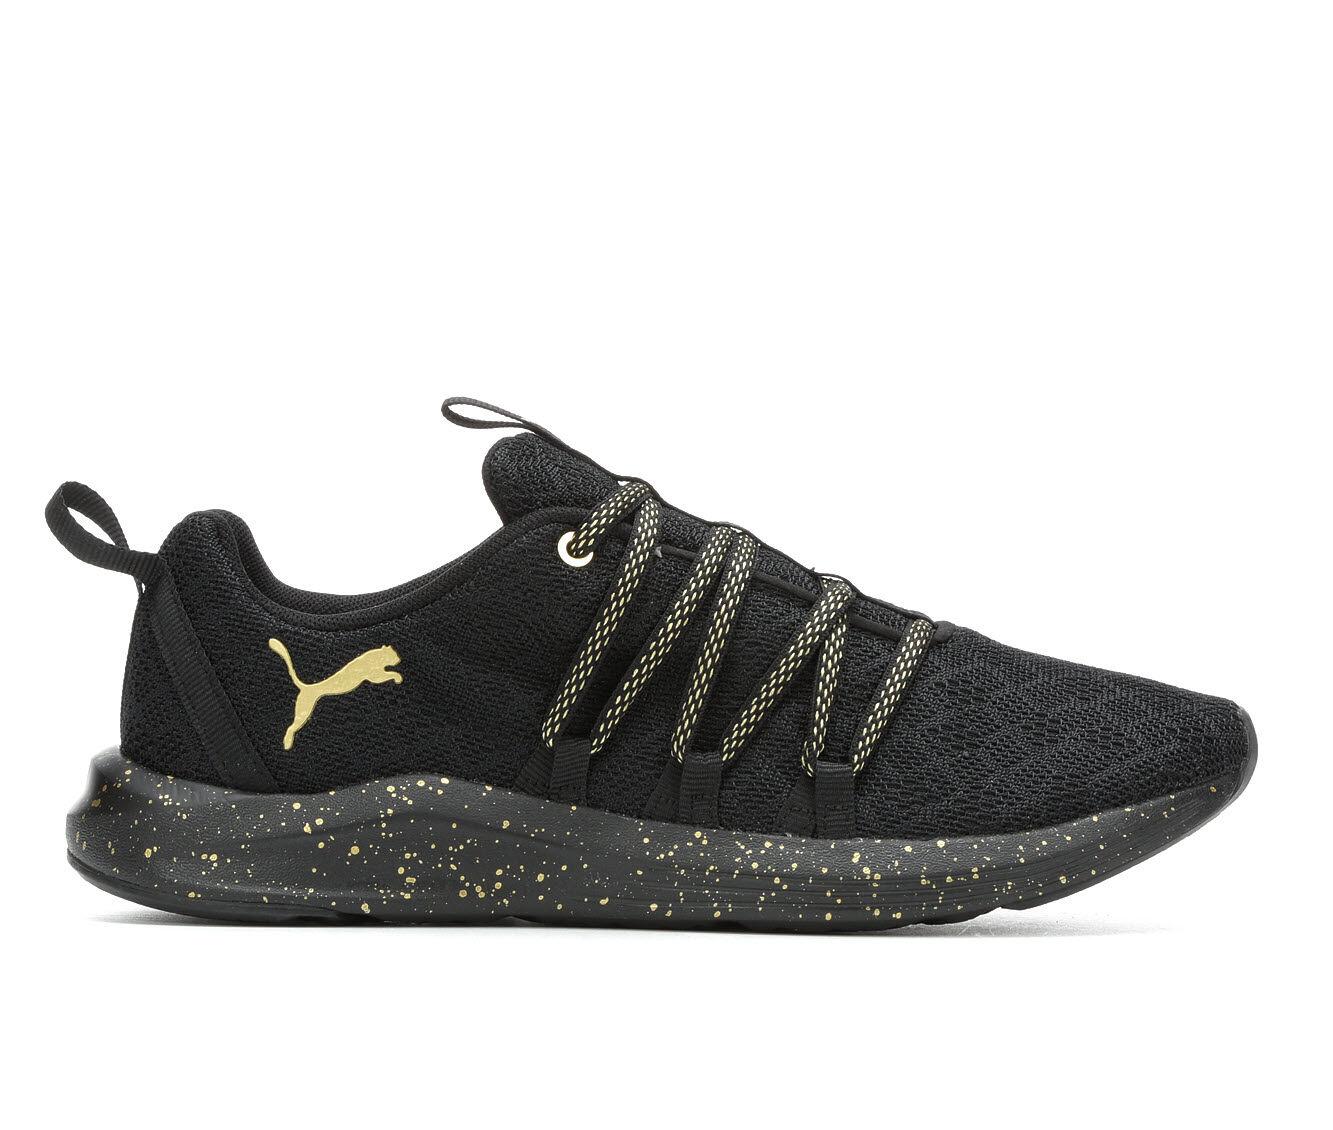 Buy Cheap Women's Puma Prowl Alt Speckle Slip-On Sneakers Black/Gold